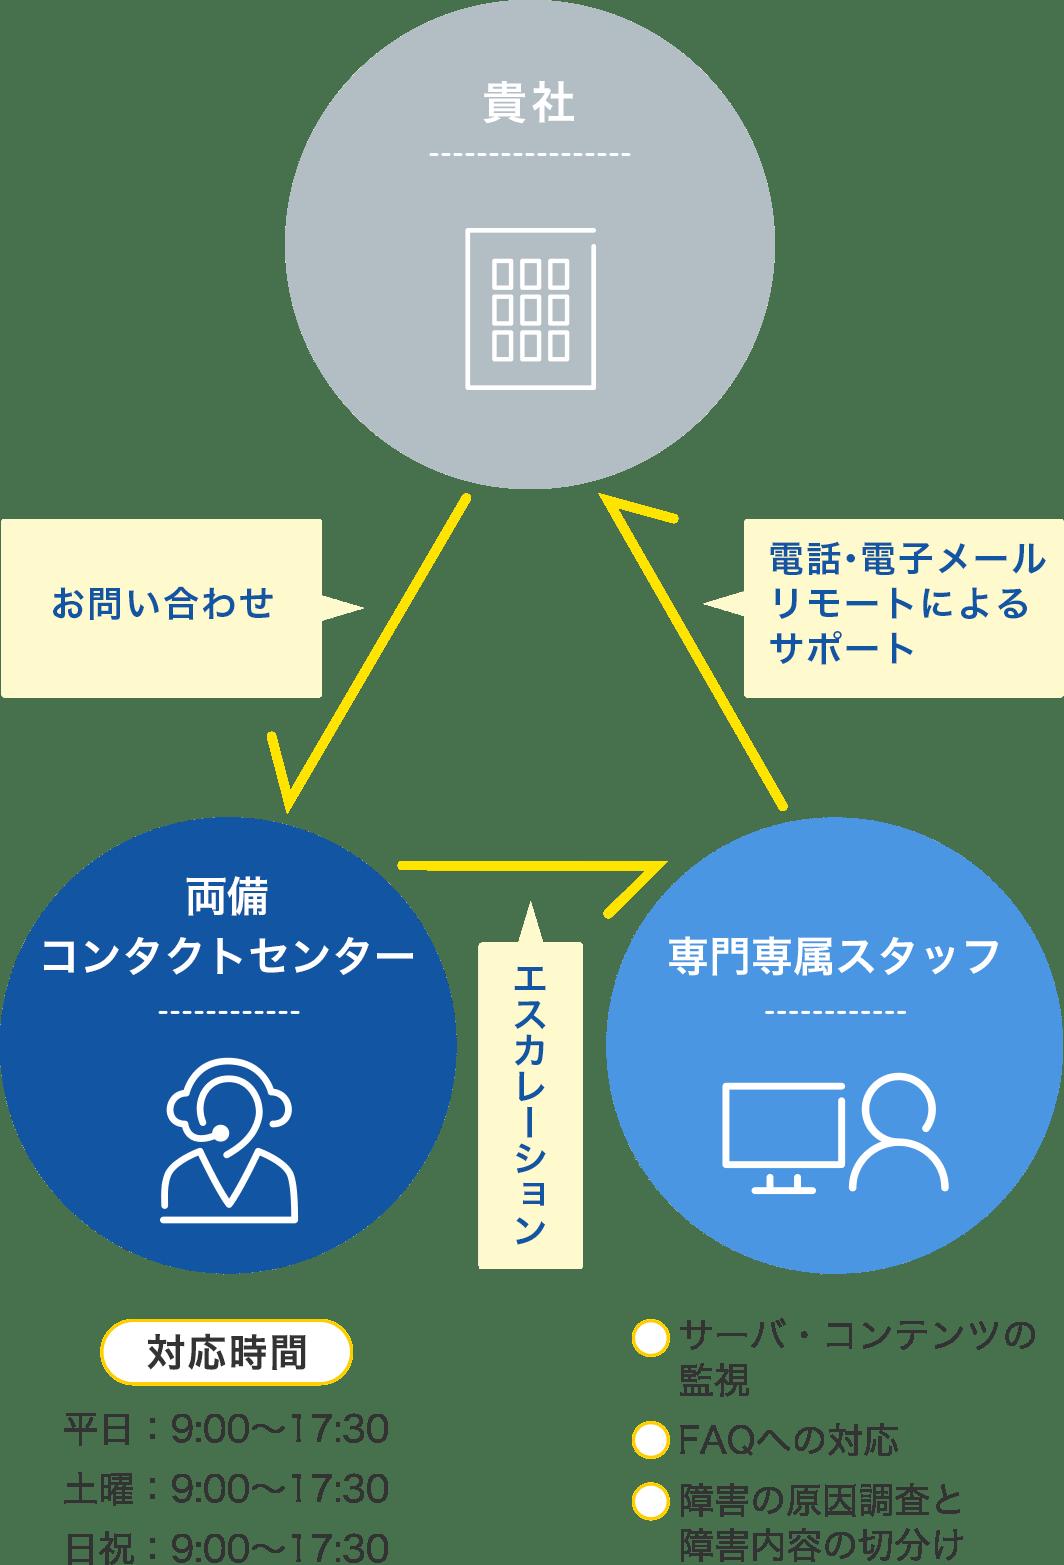 サポートの体制図